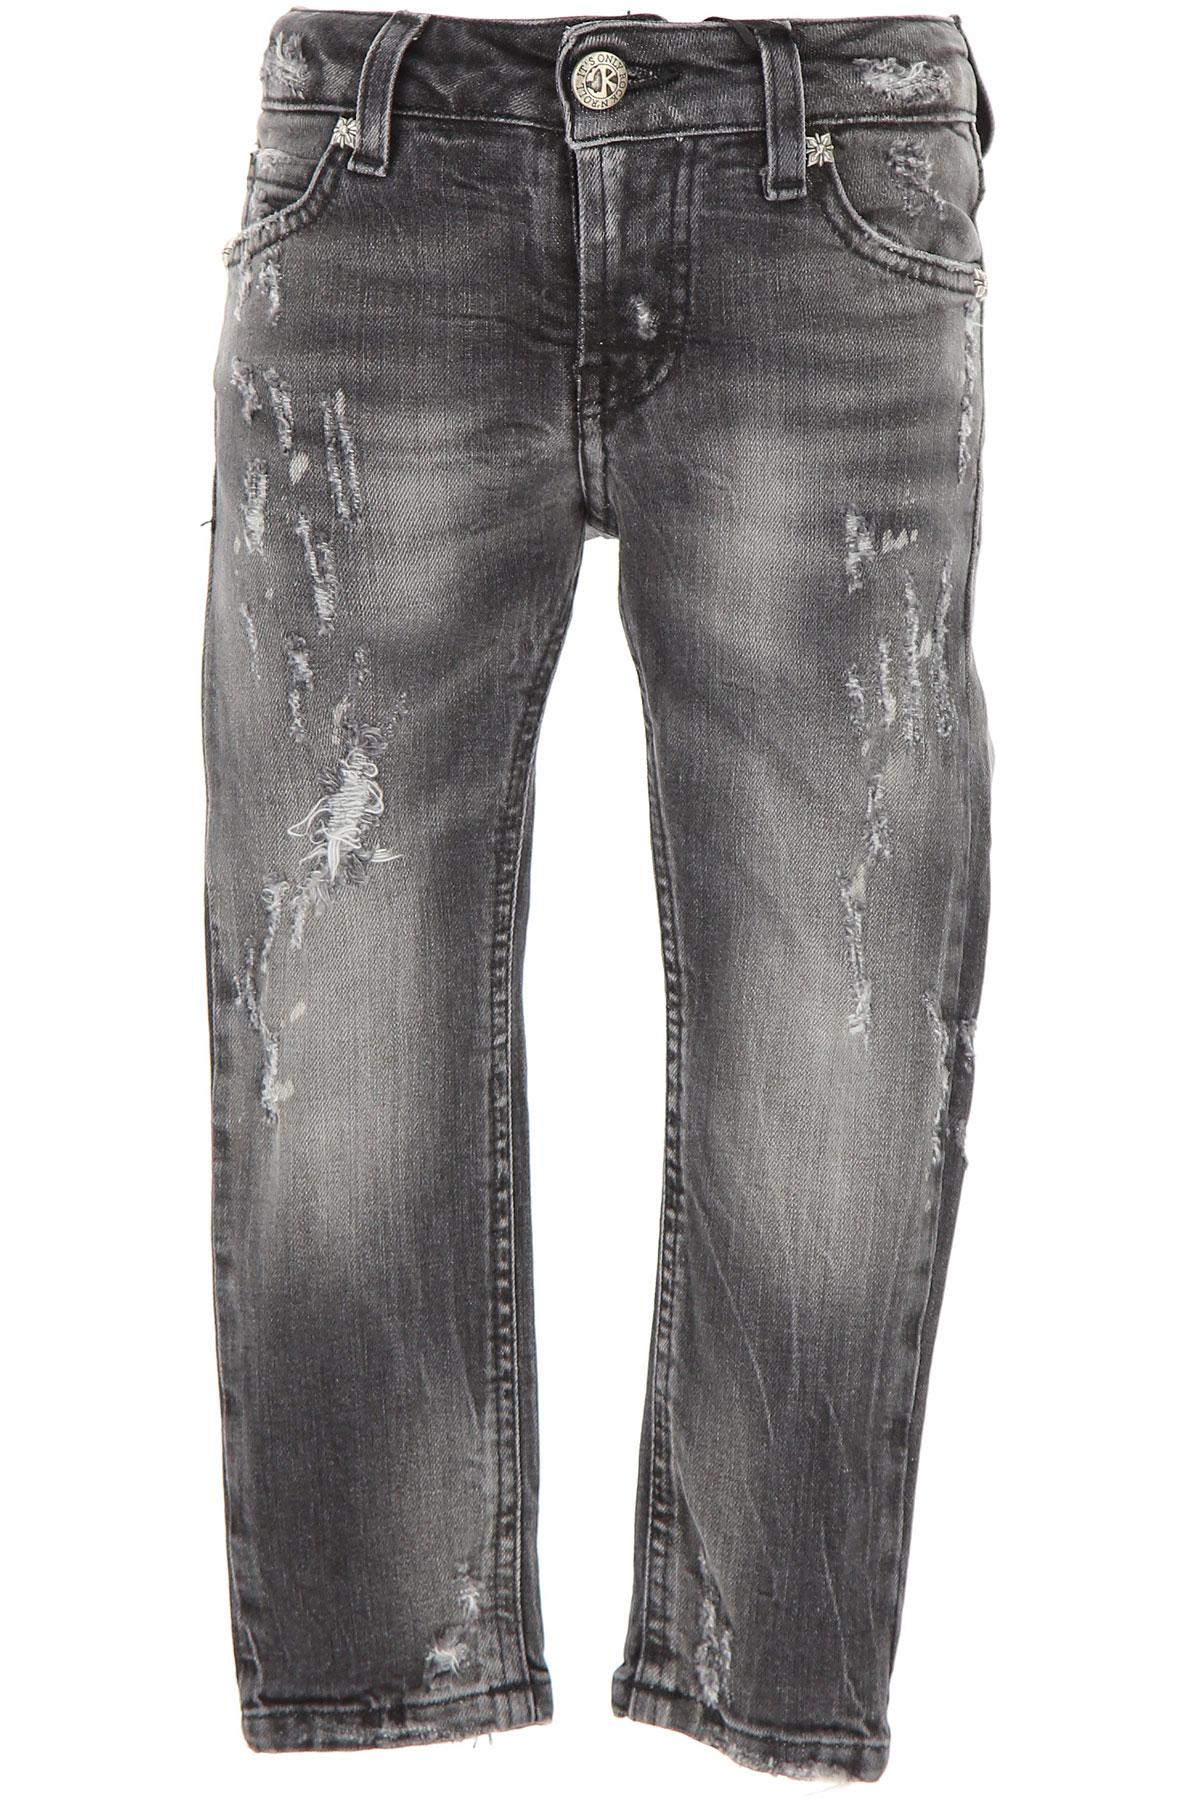 Image of John Richmond Kids Jeans for Boys, Denim Grey, Cotton, 2017, 14Y 2Y 4Y 6Y 8Y